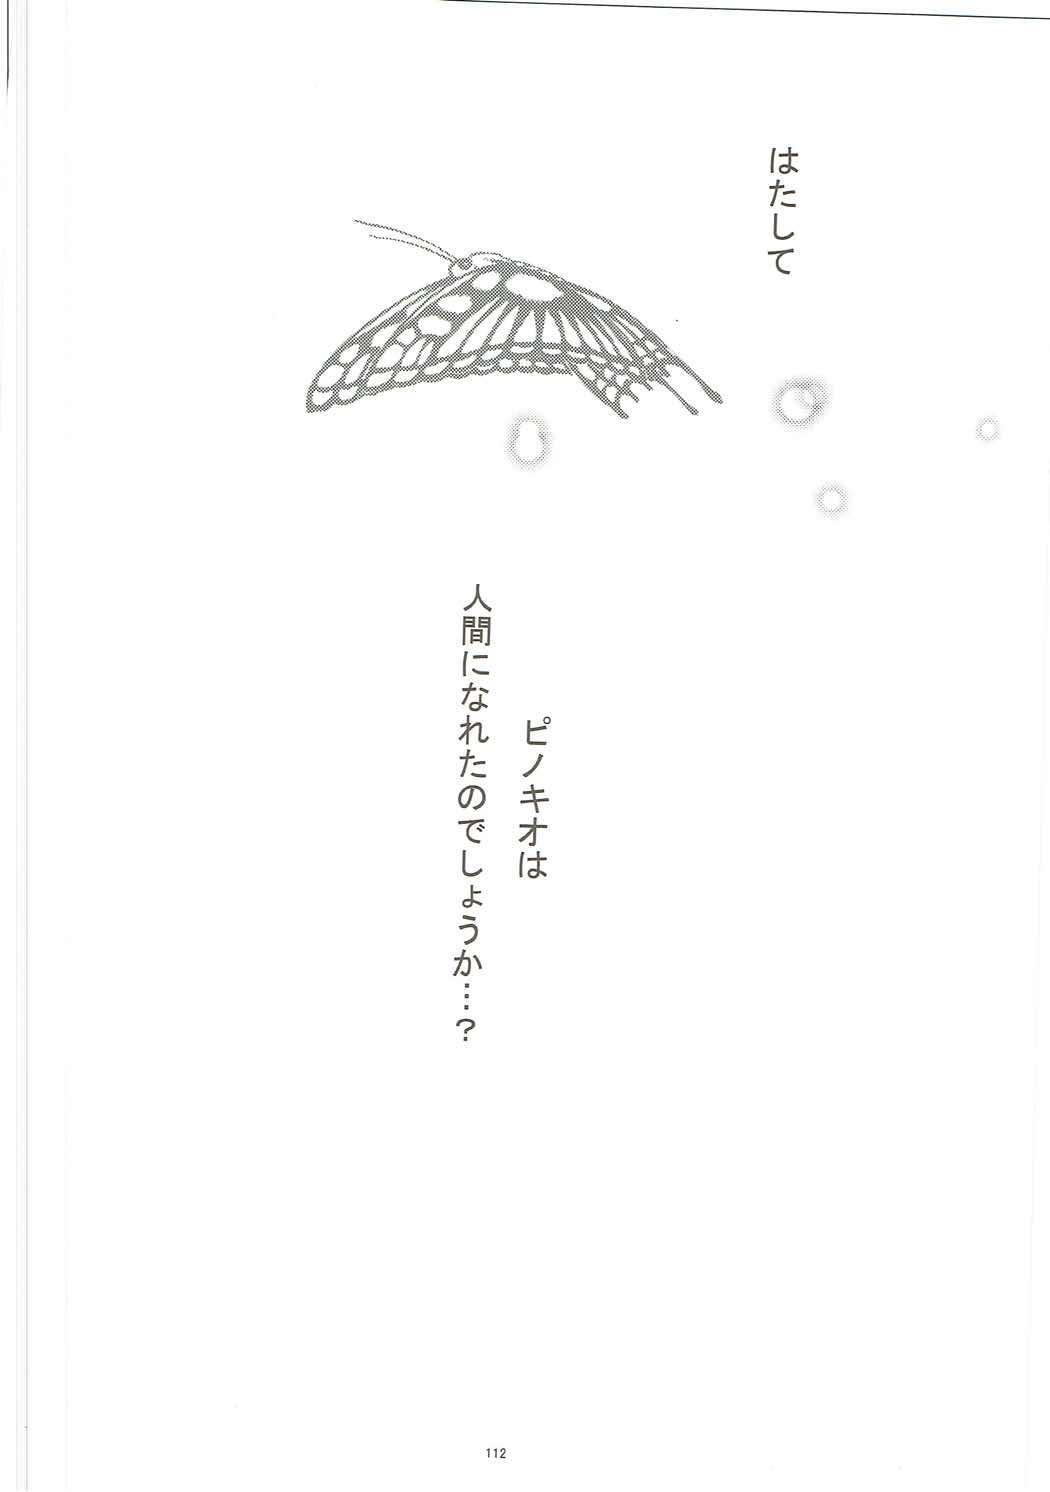 KAISHAKU GOLDEN THEATRE 109